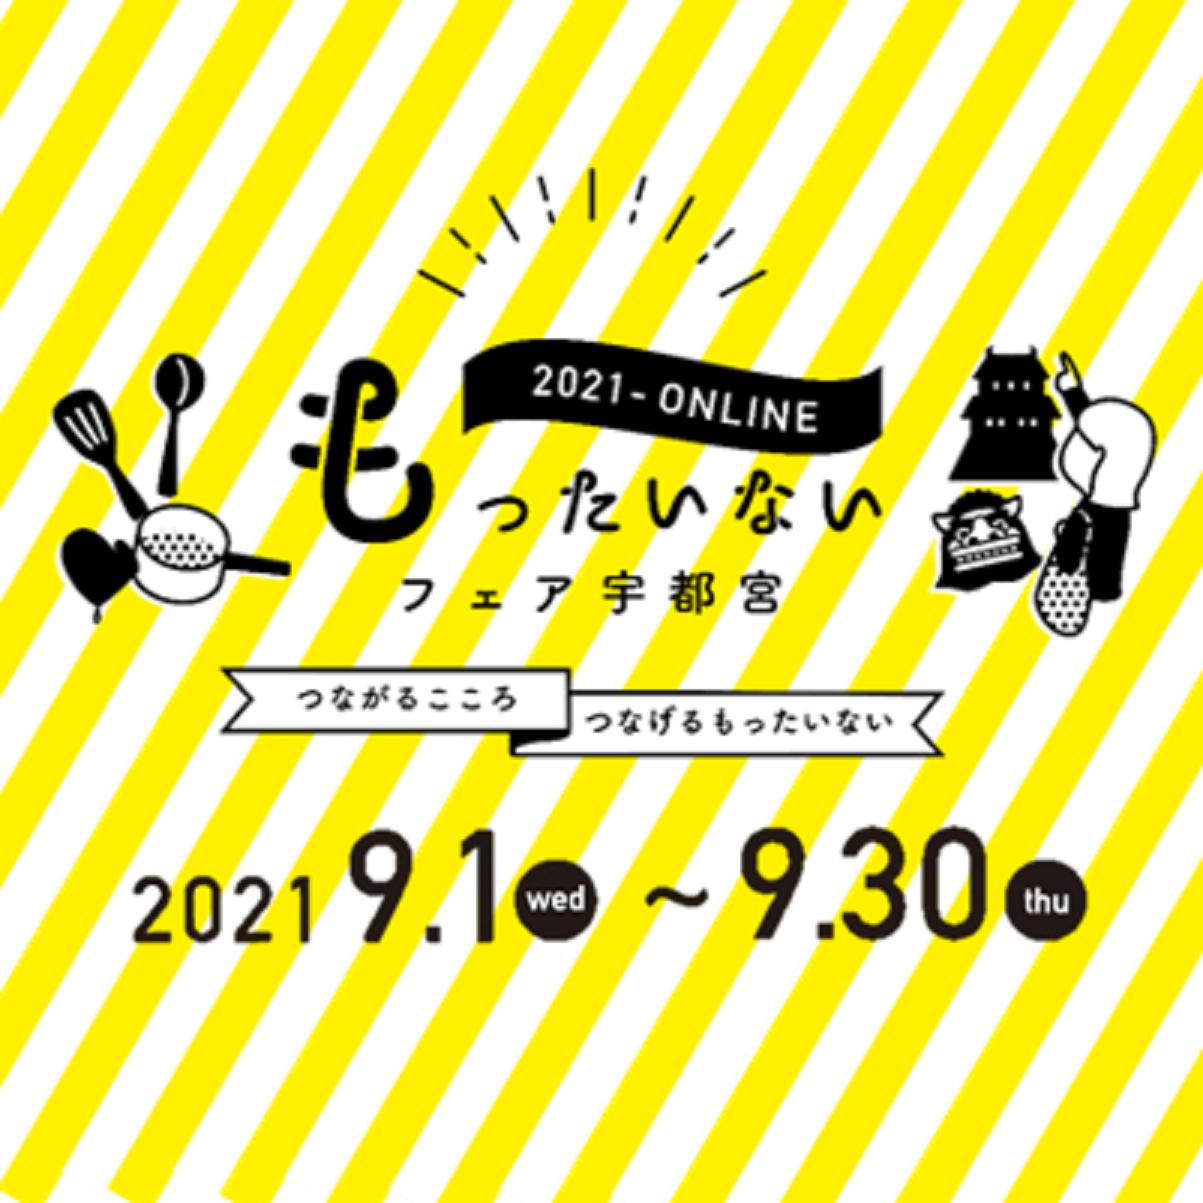 「もったいないフェア宇都宮2021オンライン」開催! ~毎月1日は「もったいないの日」~